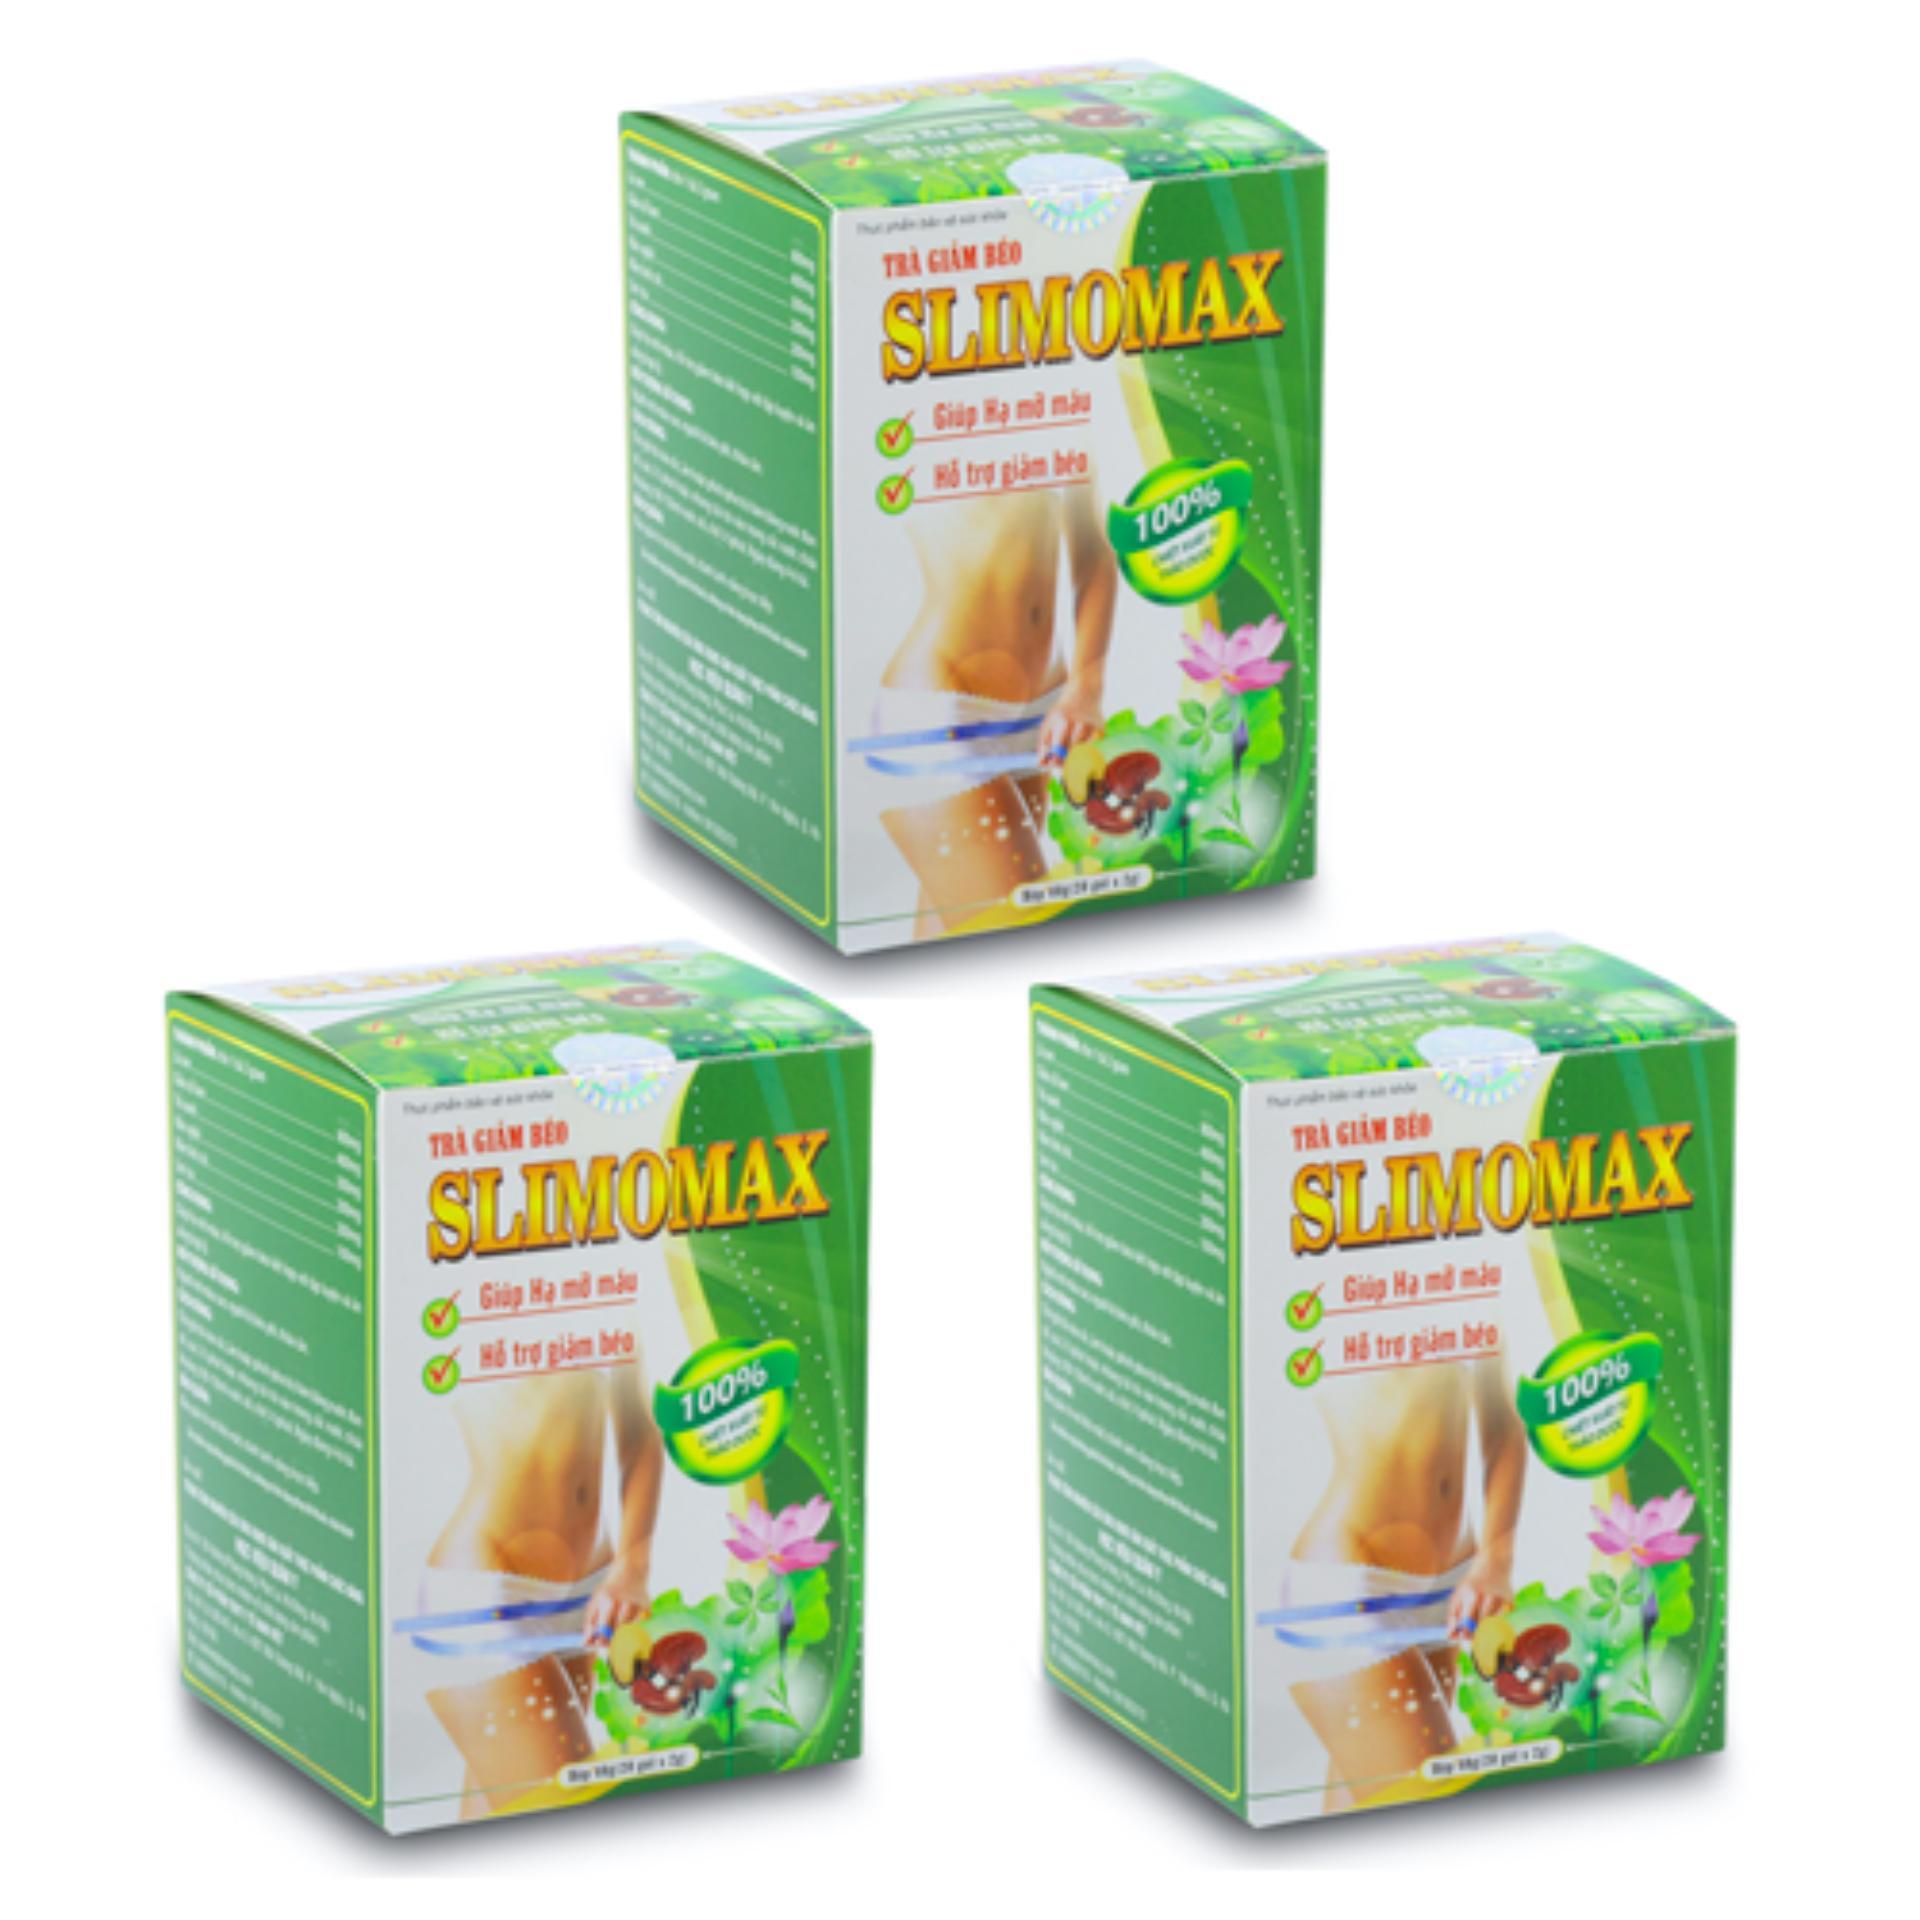 Bộ 3 hộp trà giảm béo Học Viện Quân Y Slimomax (20 túi x 3) nhập khẩu